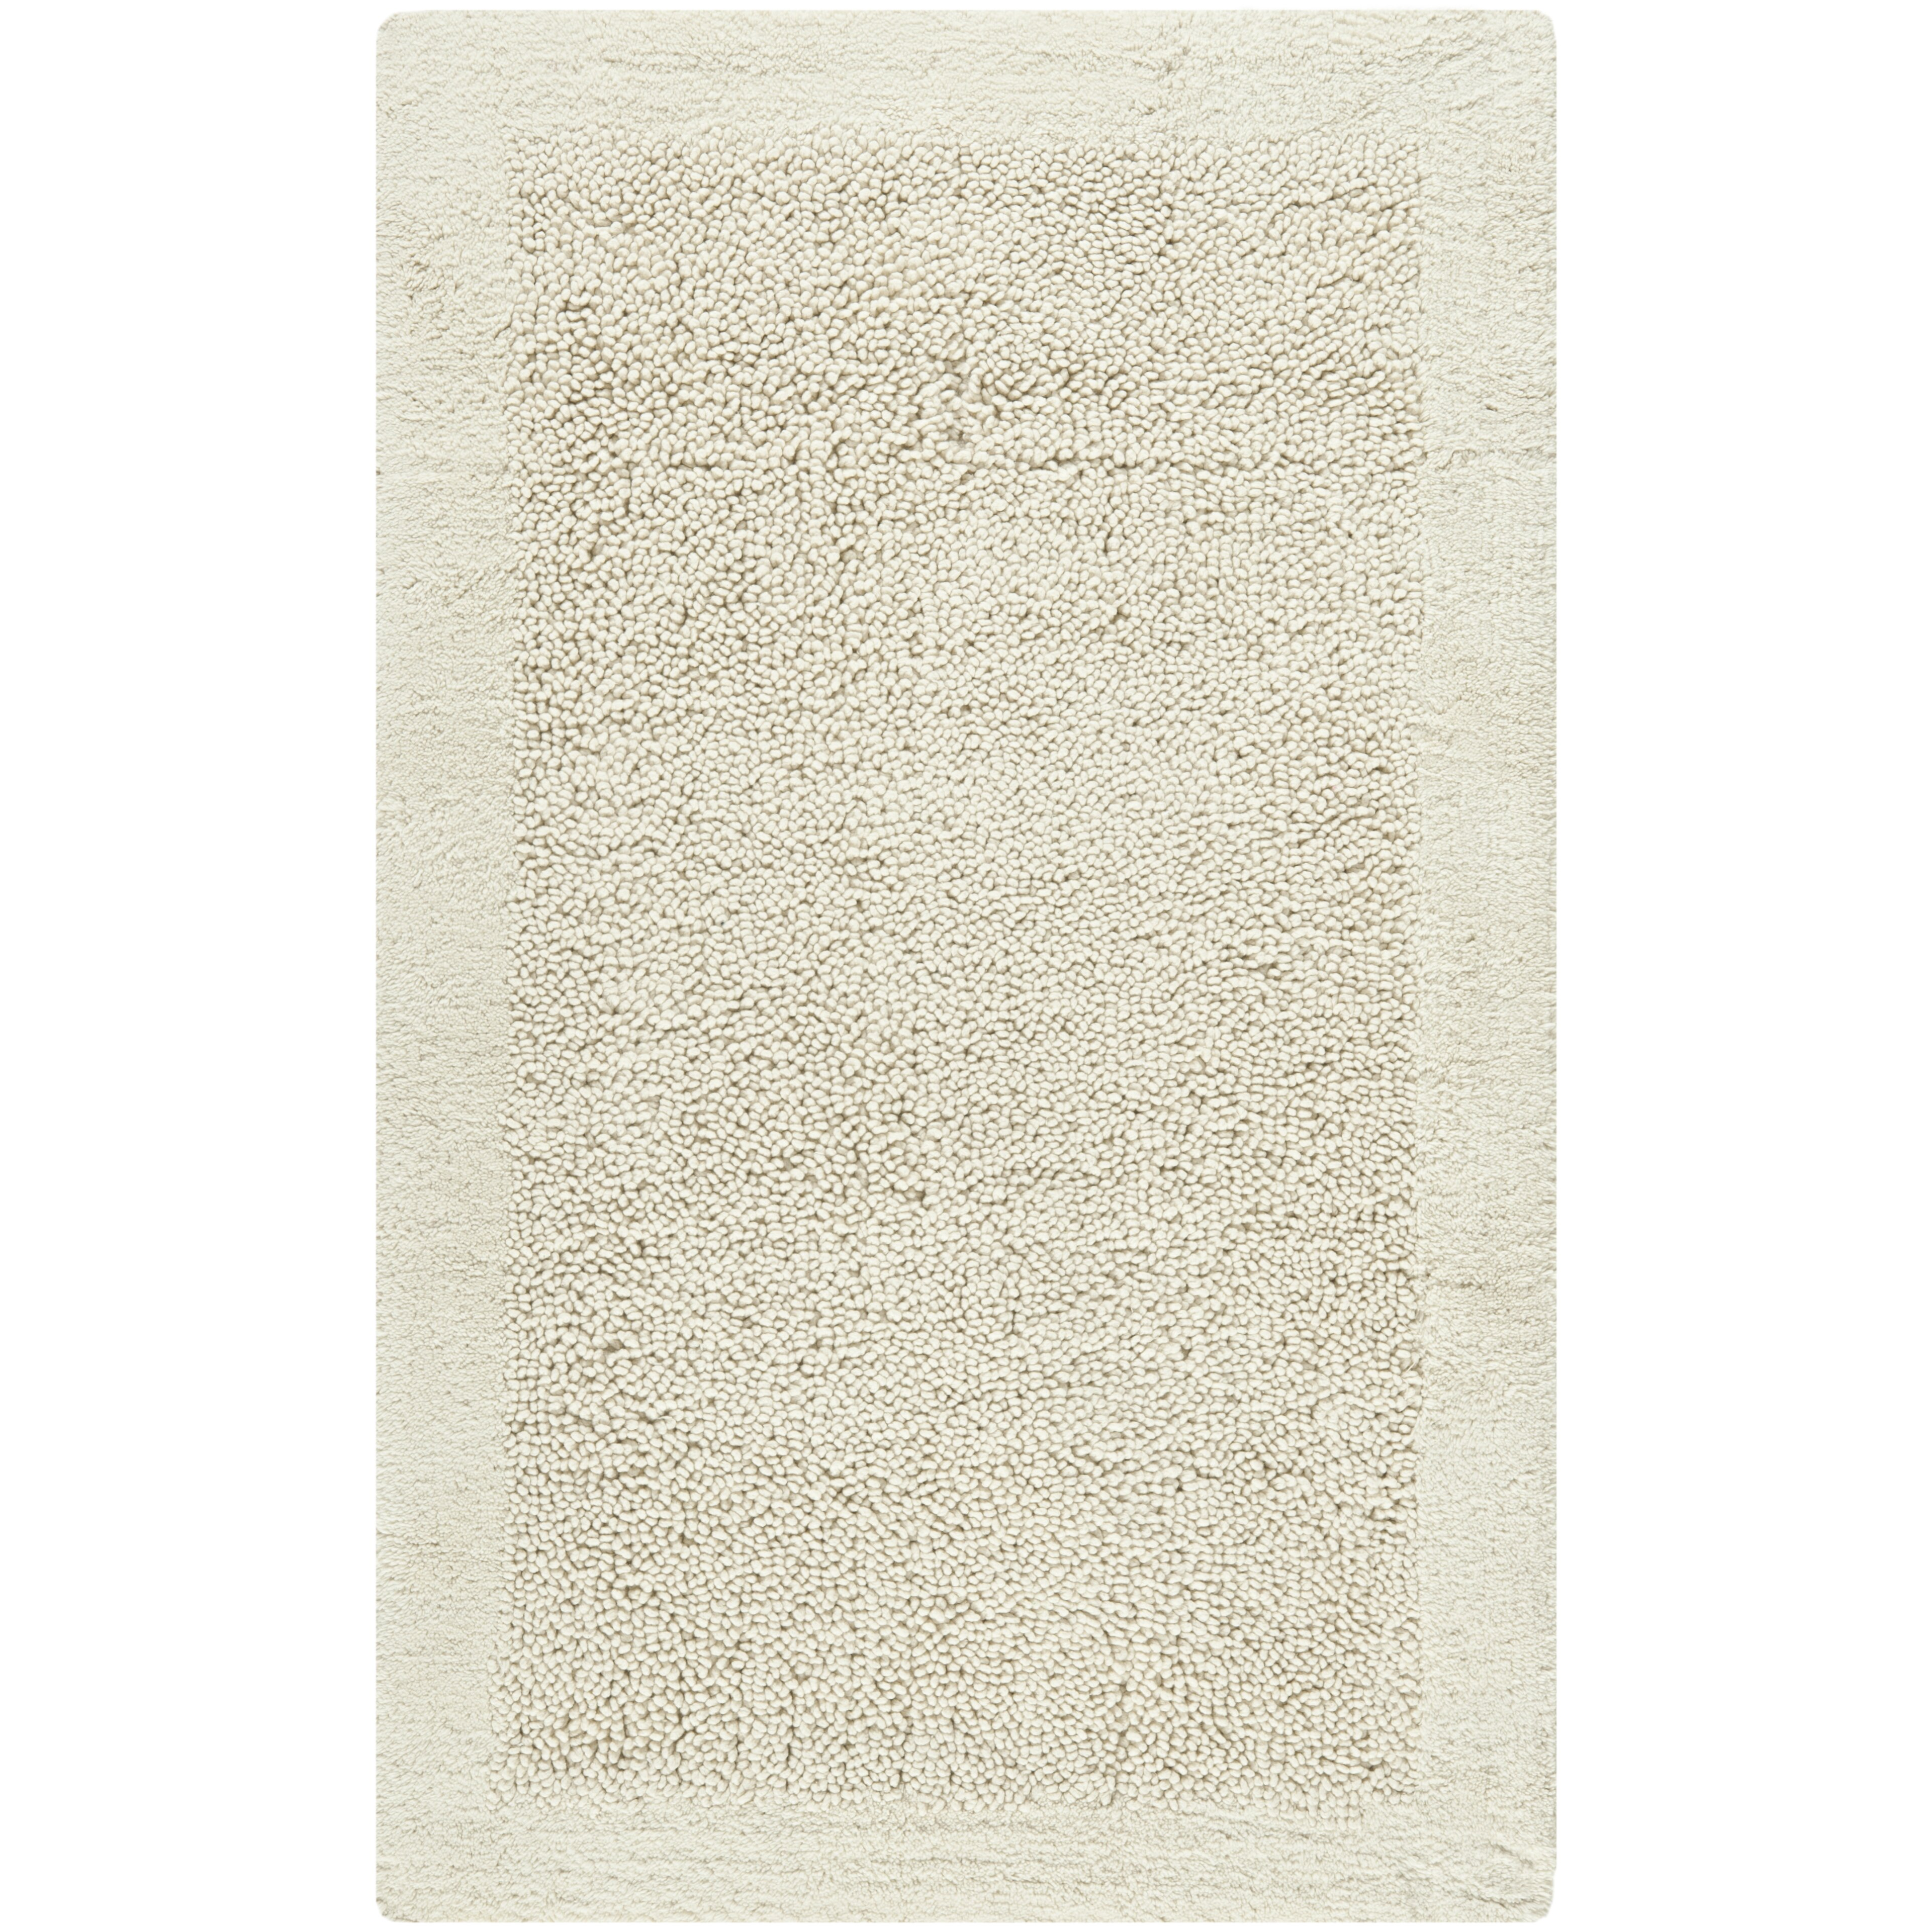 safavieh plush master bath rug reviews wayfair